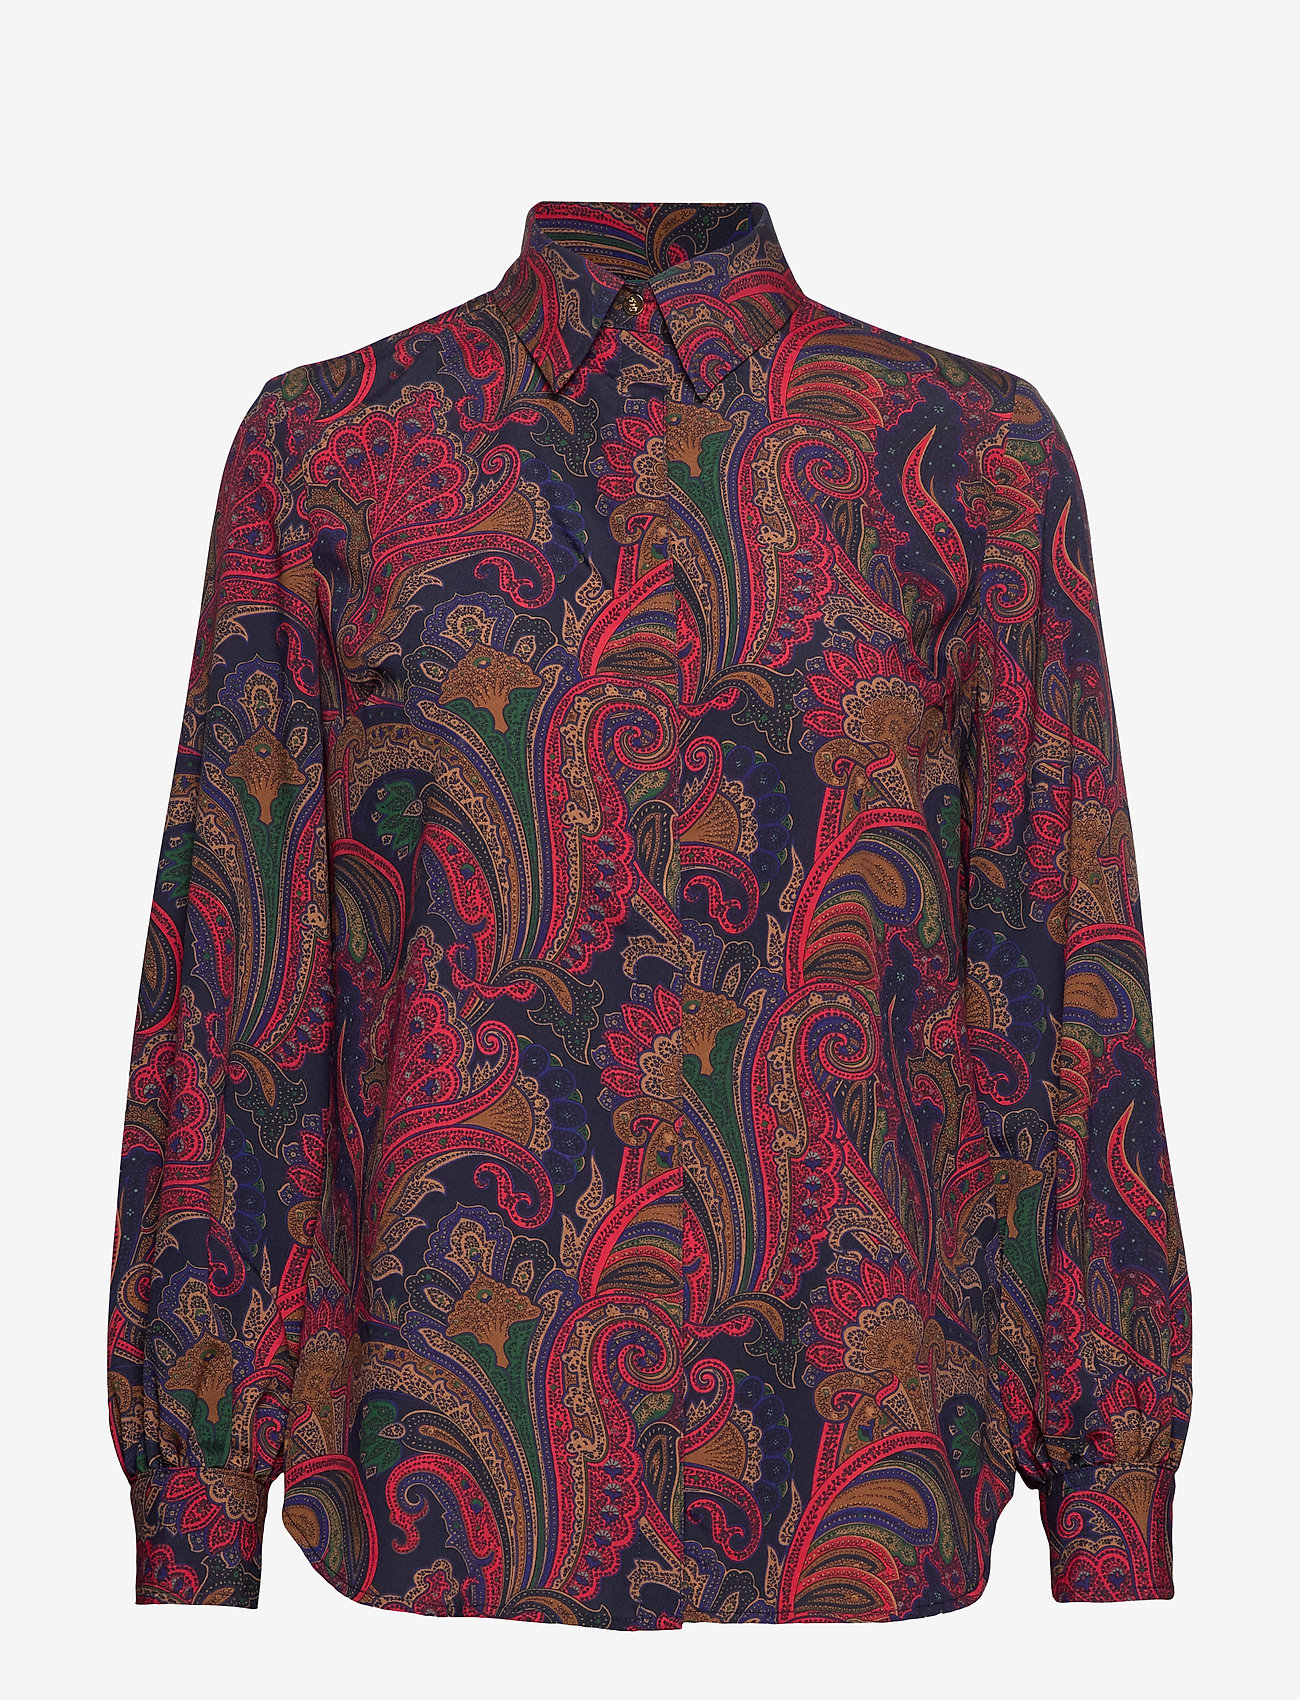 Poly Cdc-shirt (Lauren Navy Multi) - Lauren Ralph Lauren Zi7lfW